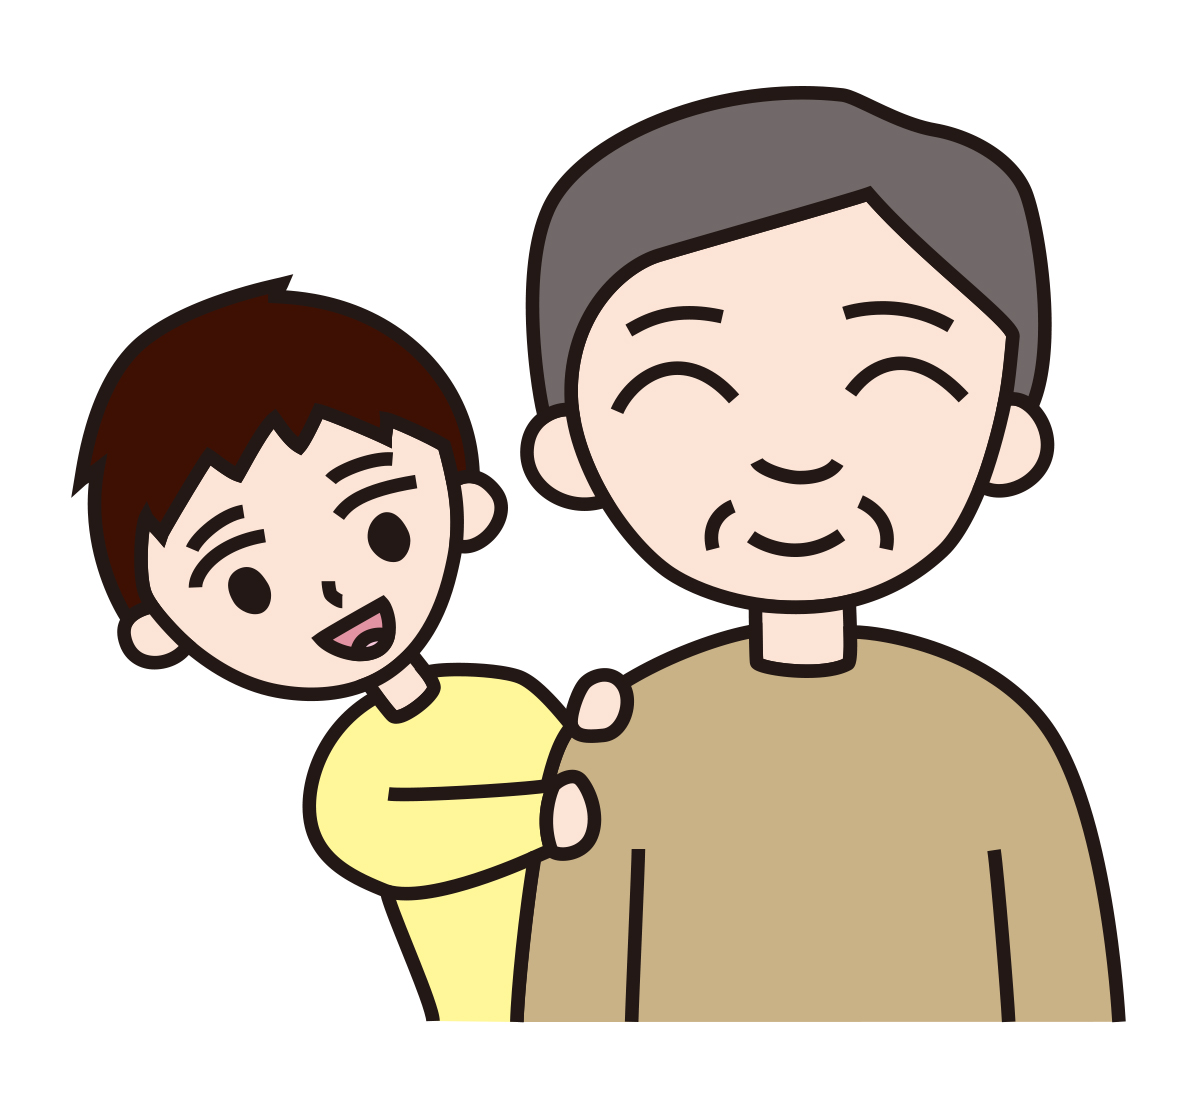 親子 コミュニケーション